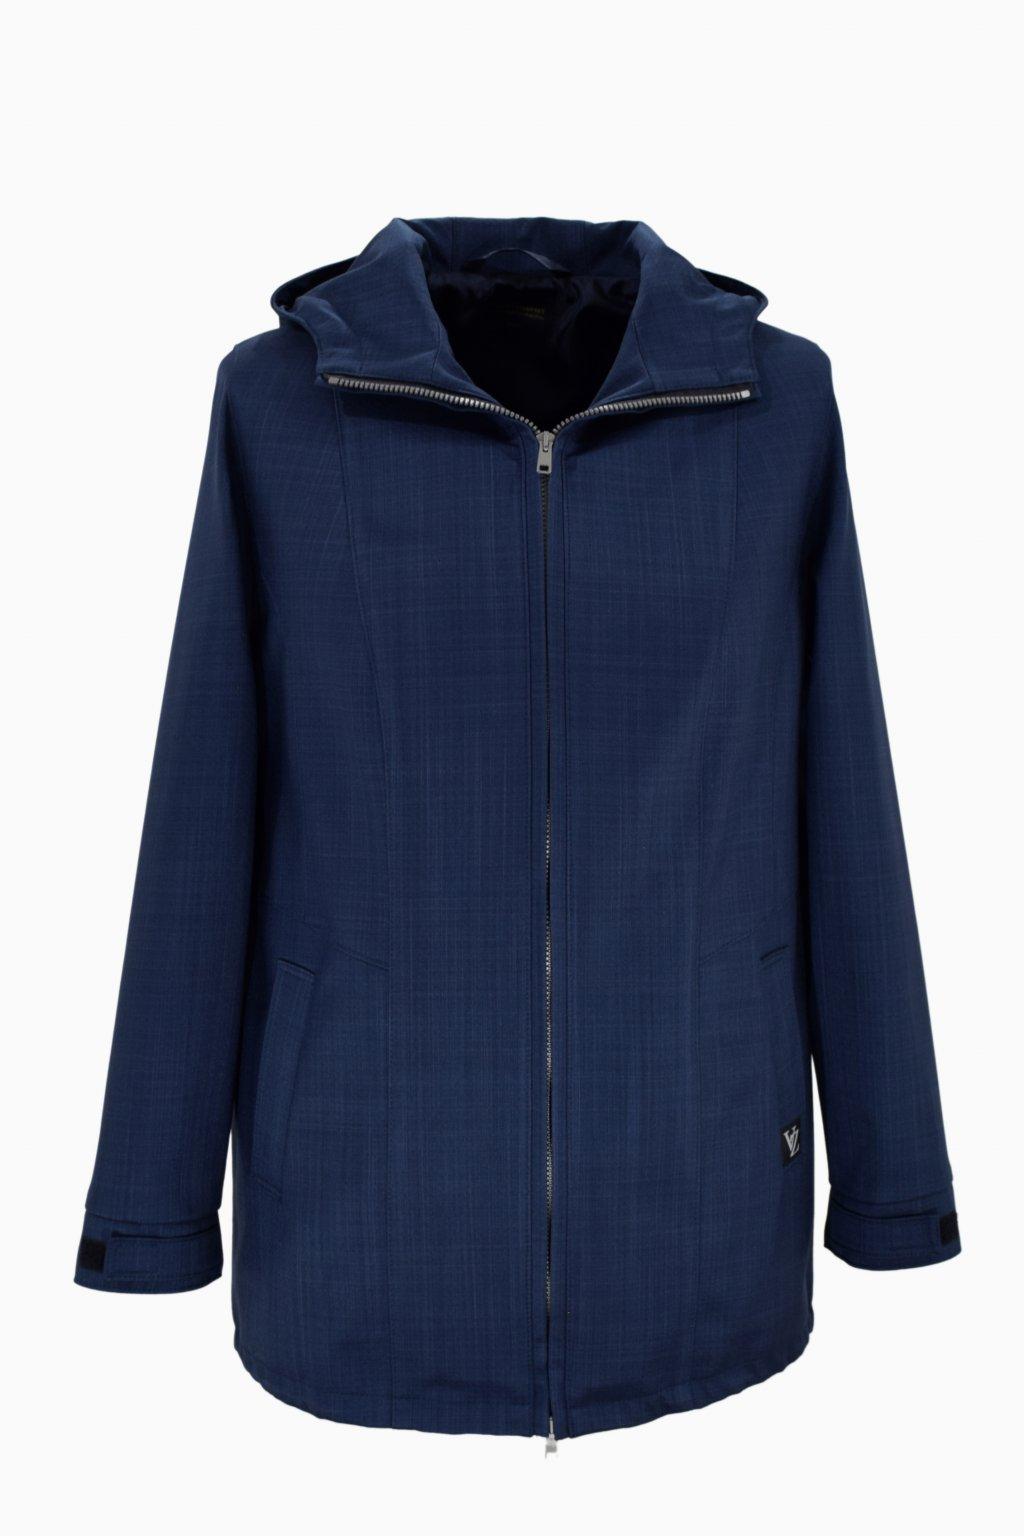 Dámská tmavě modrá jarní outdoorová bunda Elza nadměrné velikosti